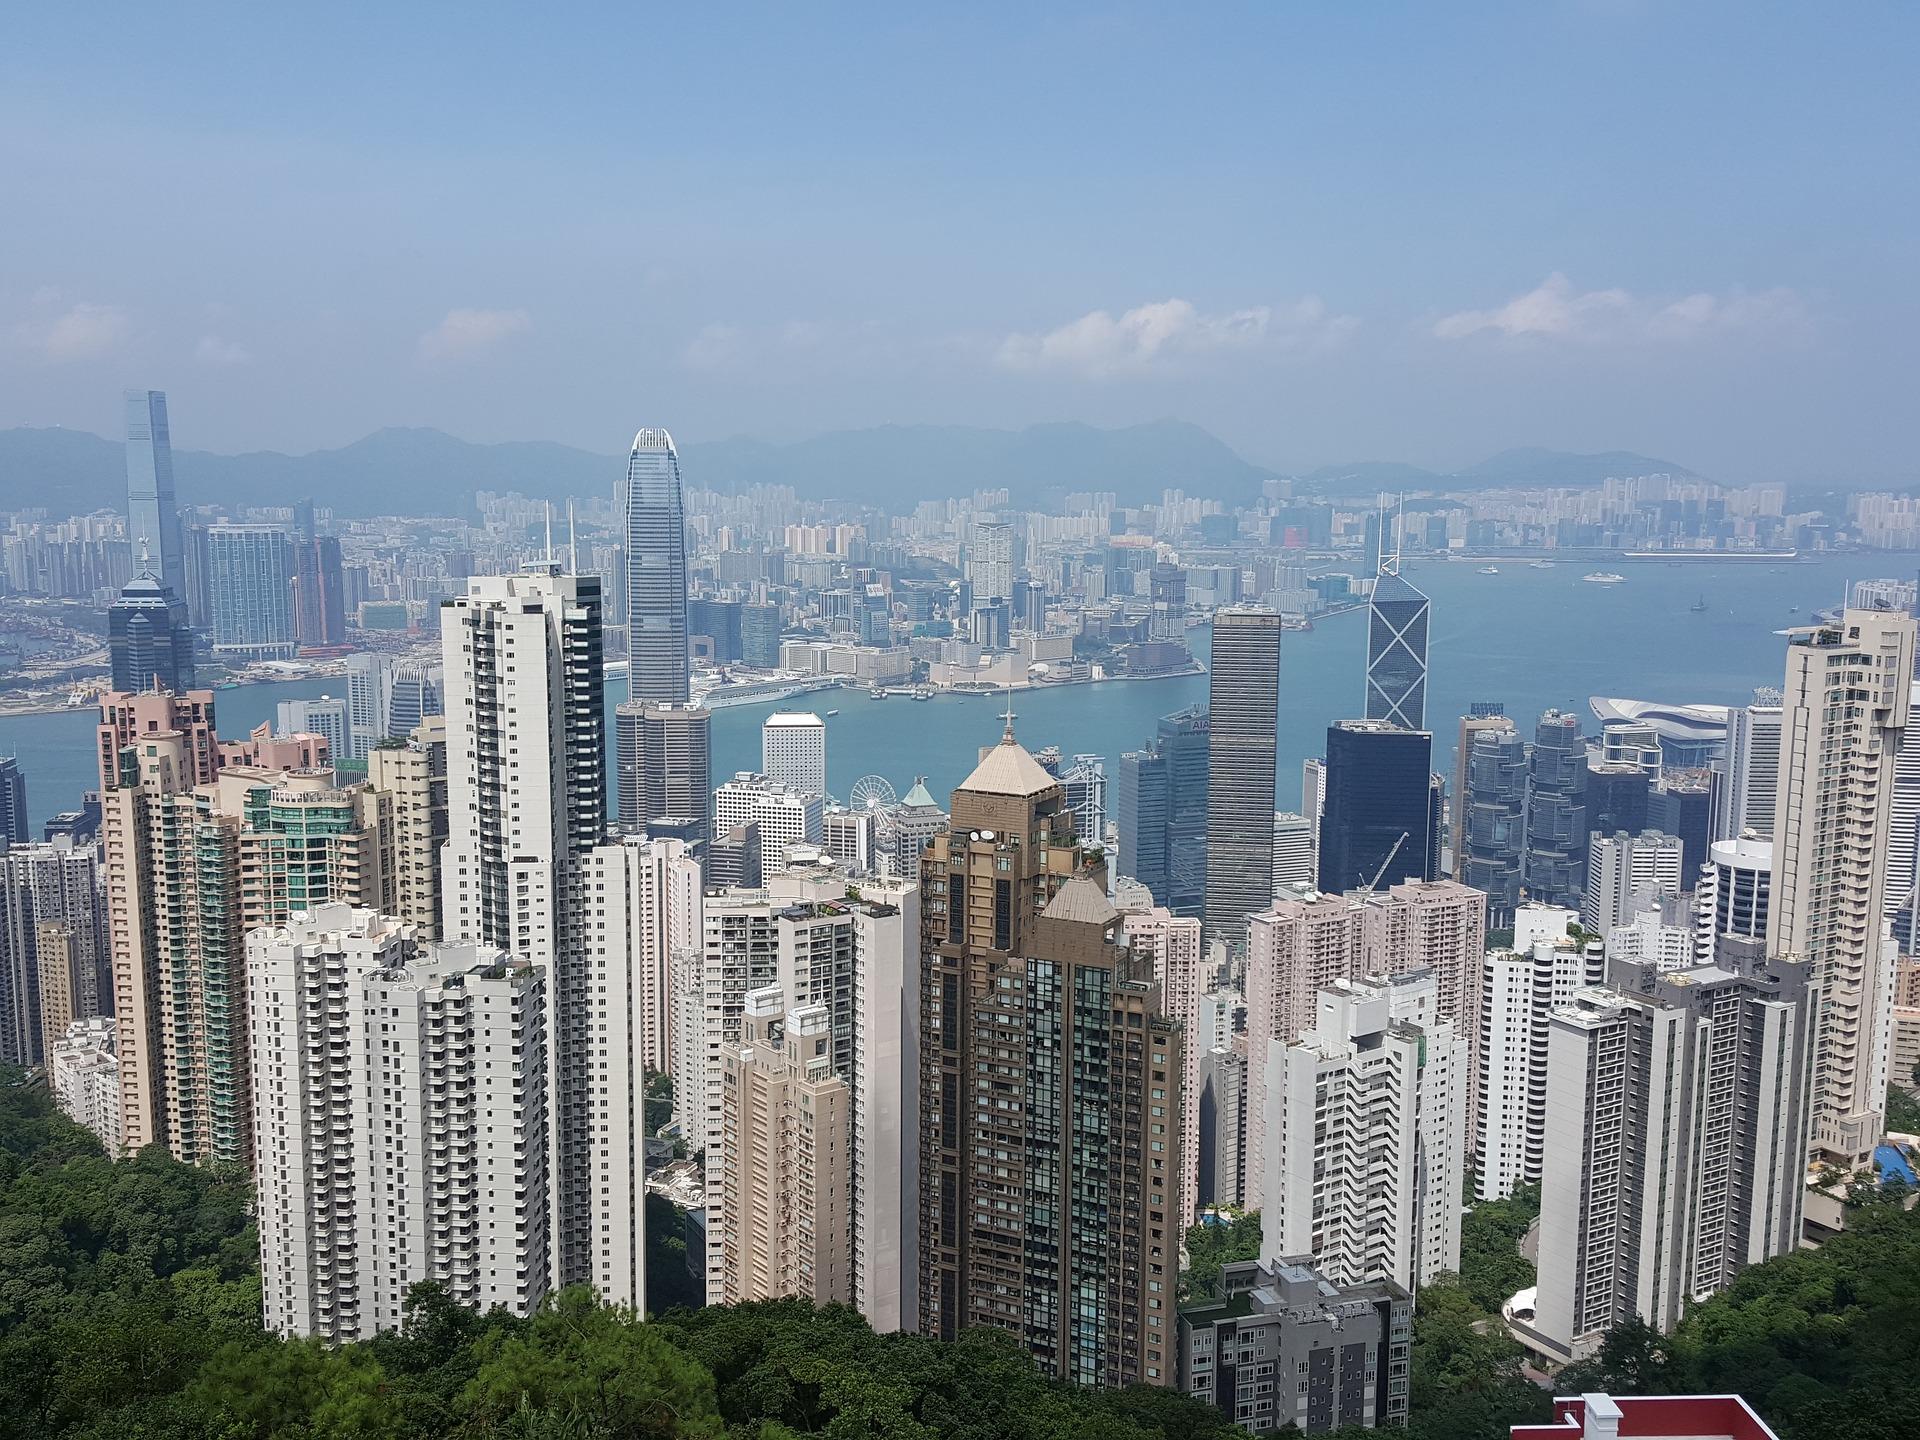 <p><strong>İşte en yüksek IQ'ya sahip ilk 10 ülke ve ortalamaları:</strong></p><p>Hong Kong: 108</p><p>Singapur: 108</p><p>Güney Kore: 106</p><p>Çin: 105</p><p>Japonya: 105</p>